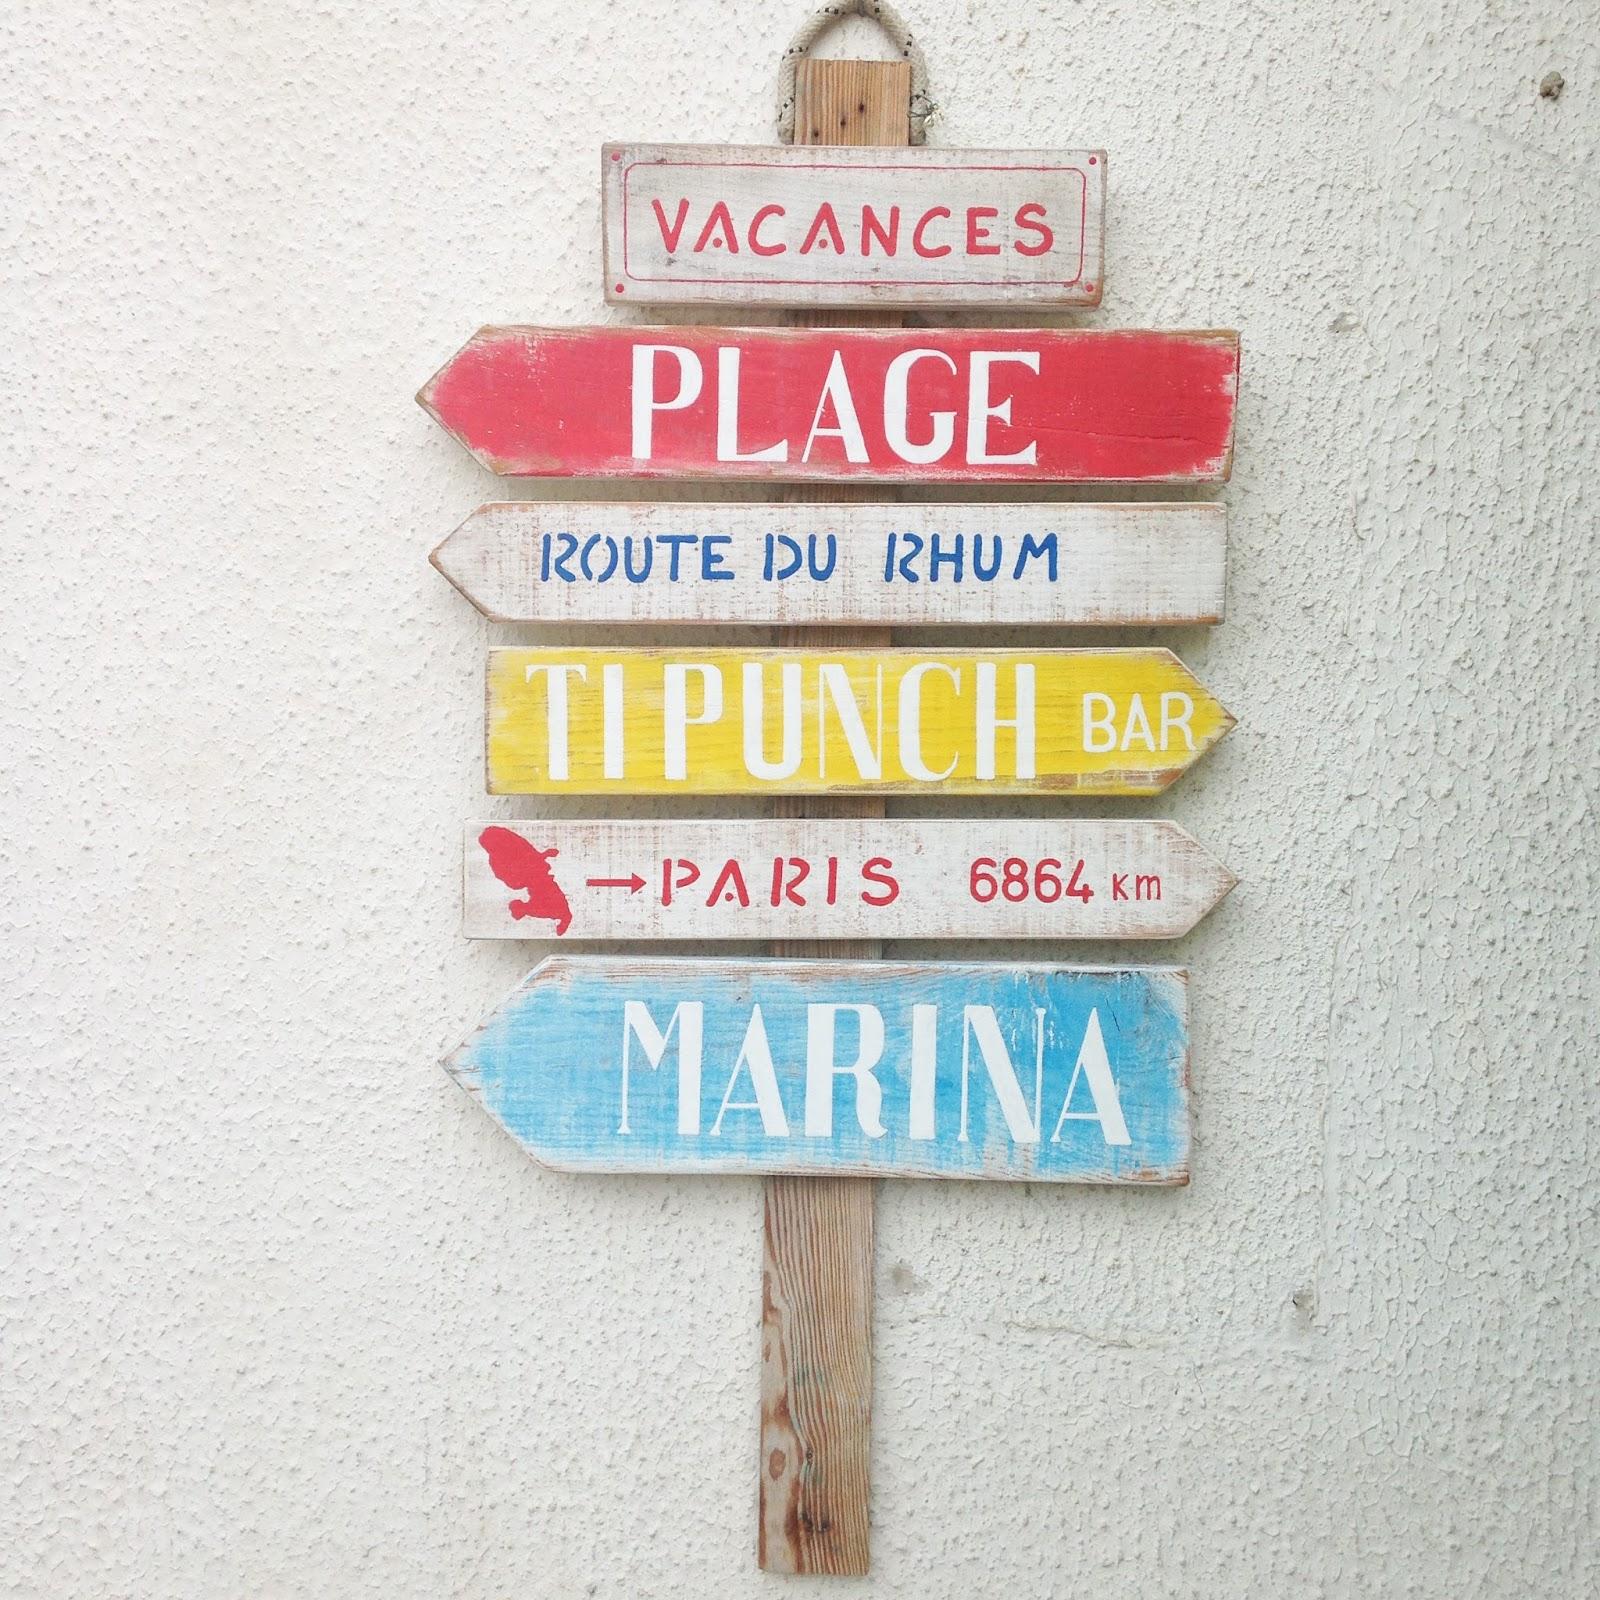 voyage martinique 972 île caraibes diamant vacances holidays que faire semaine mer plage 3 îlets village créole